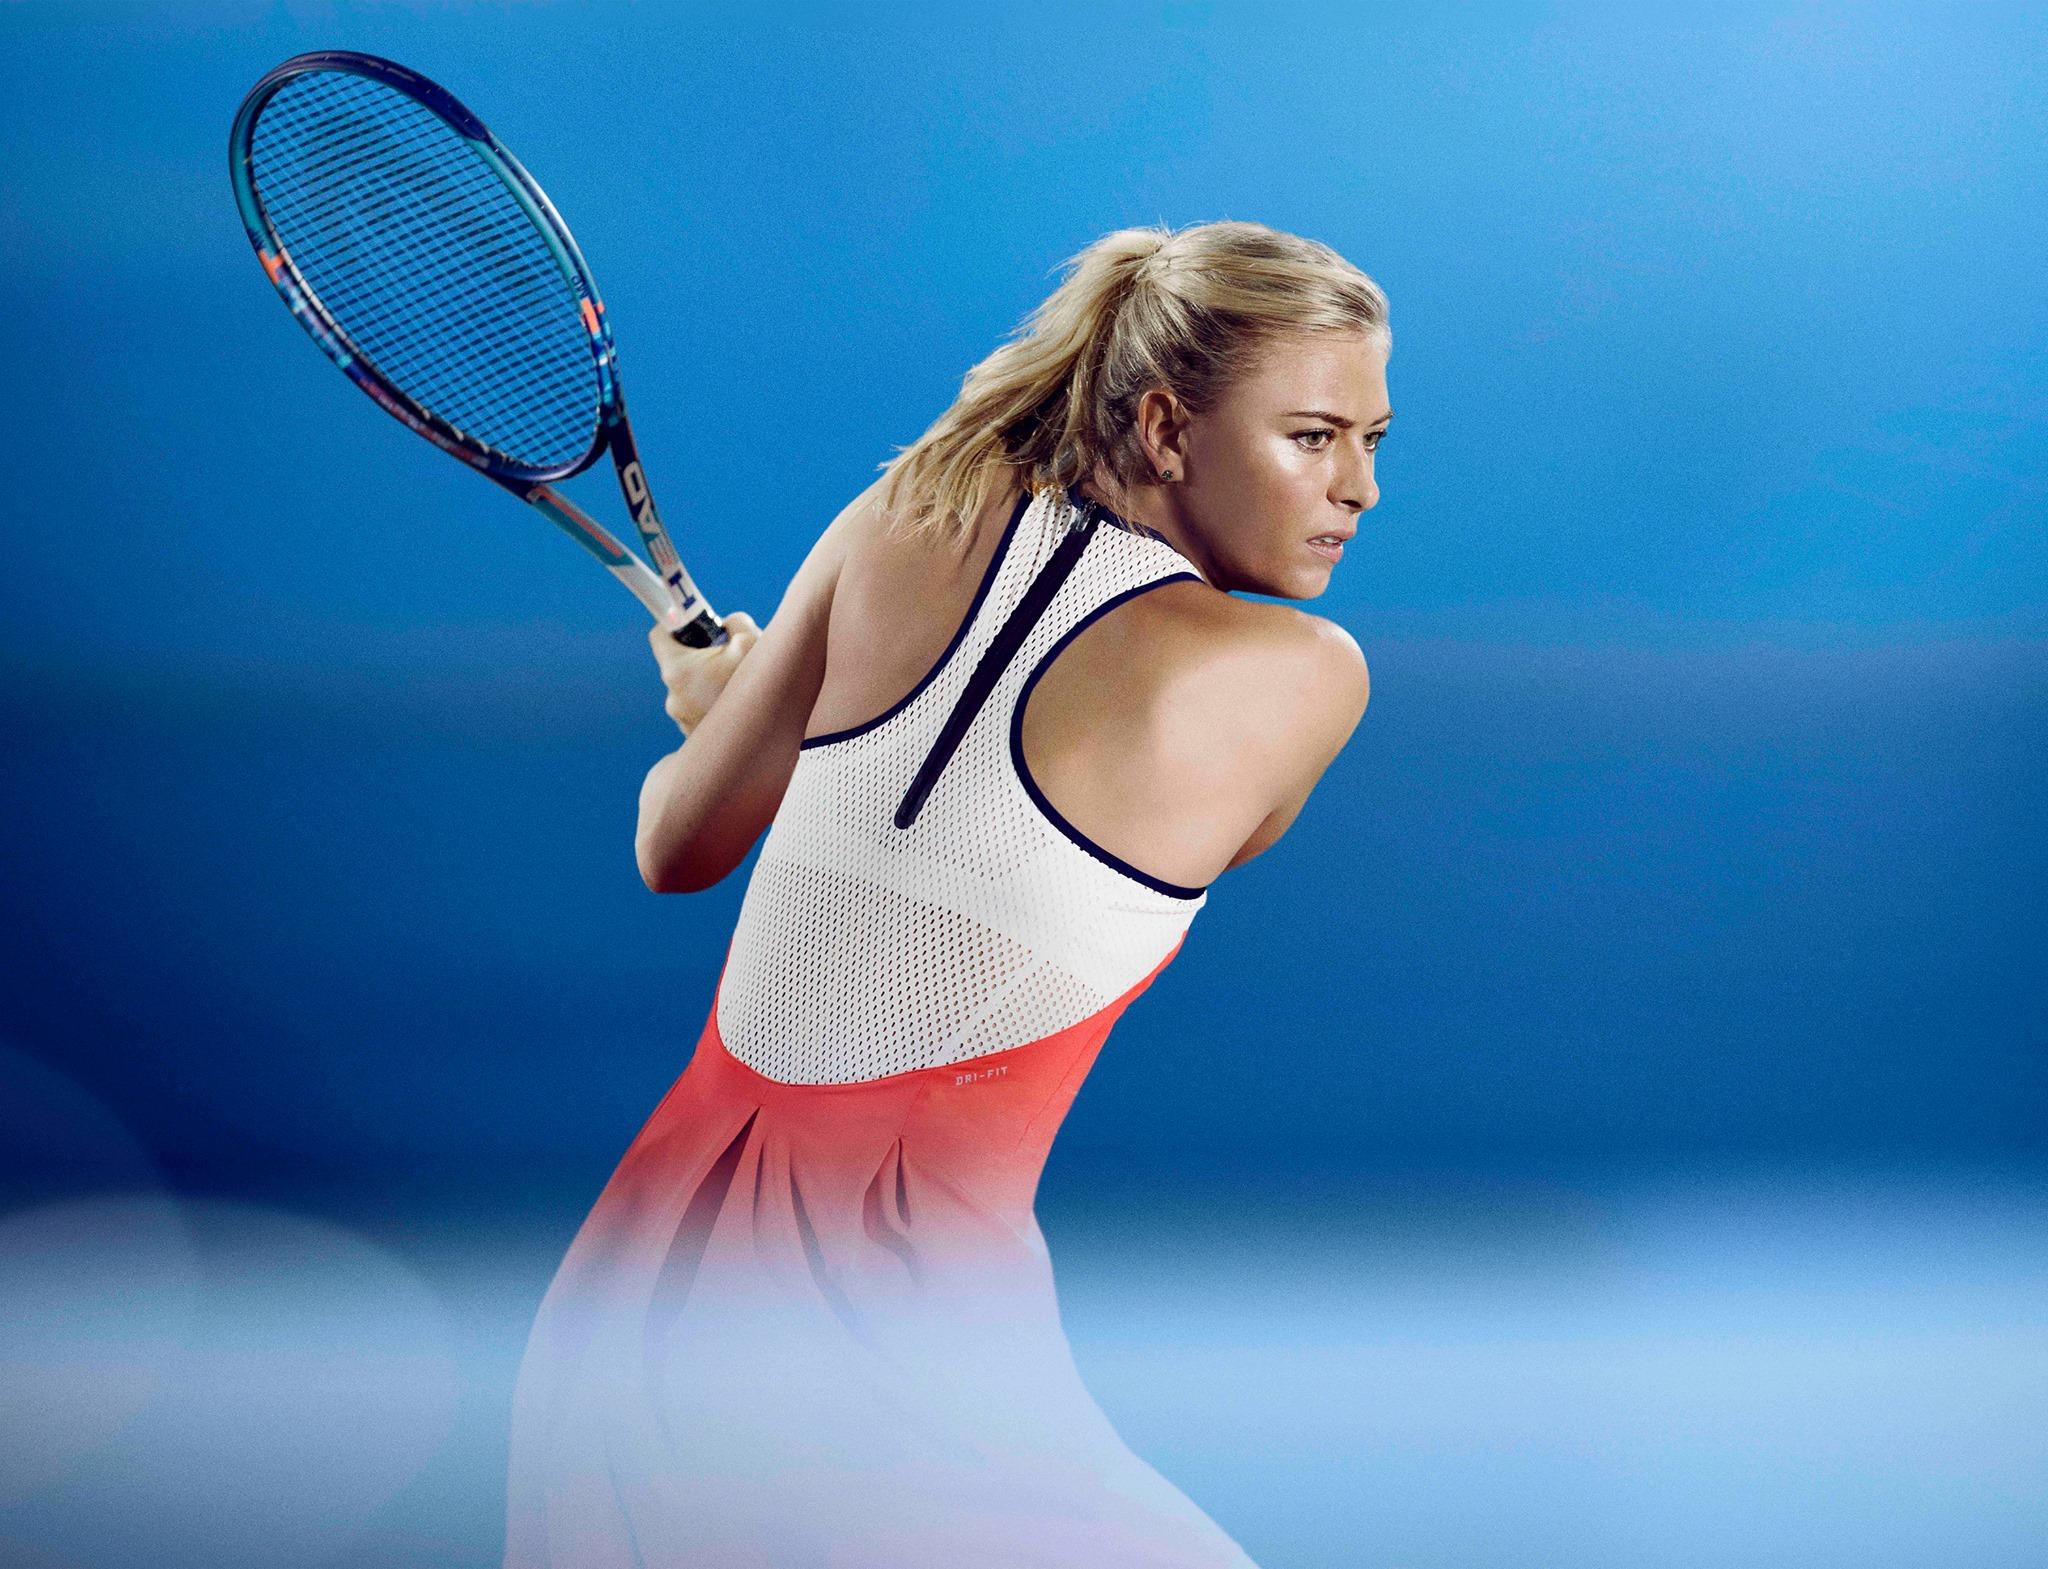 Maria Sharapova (Photo from Sharapova's official Facebook account)